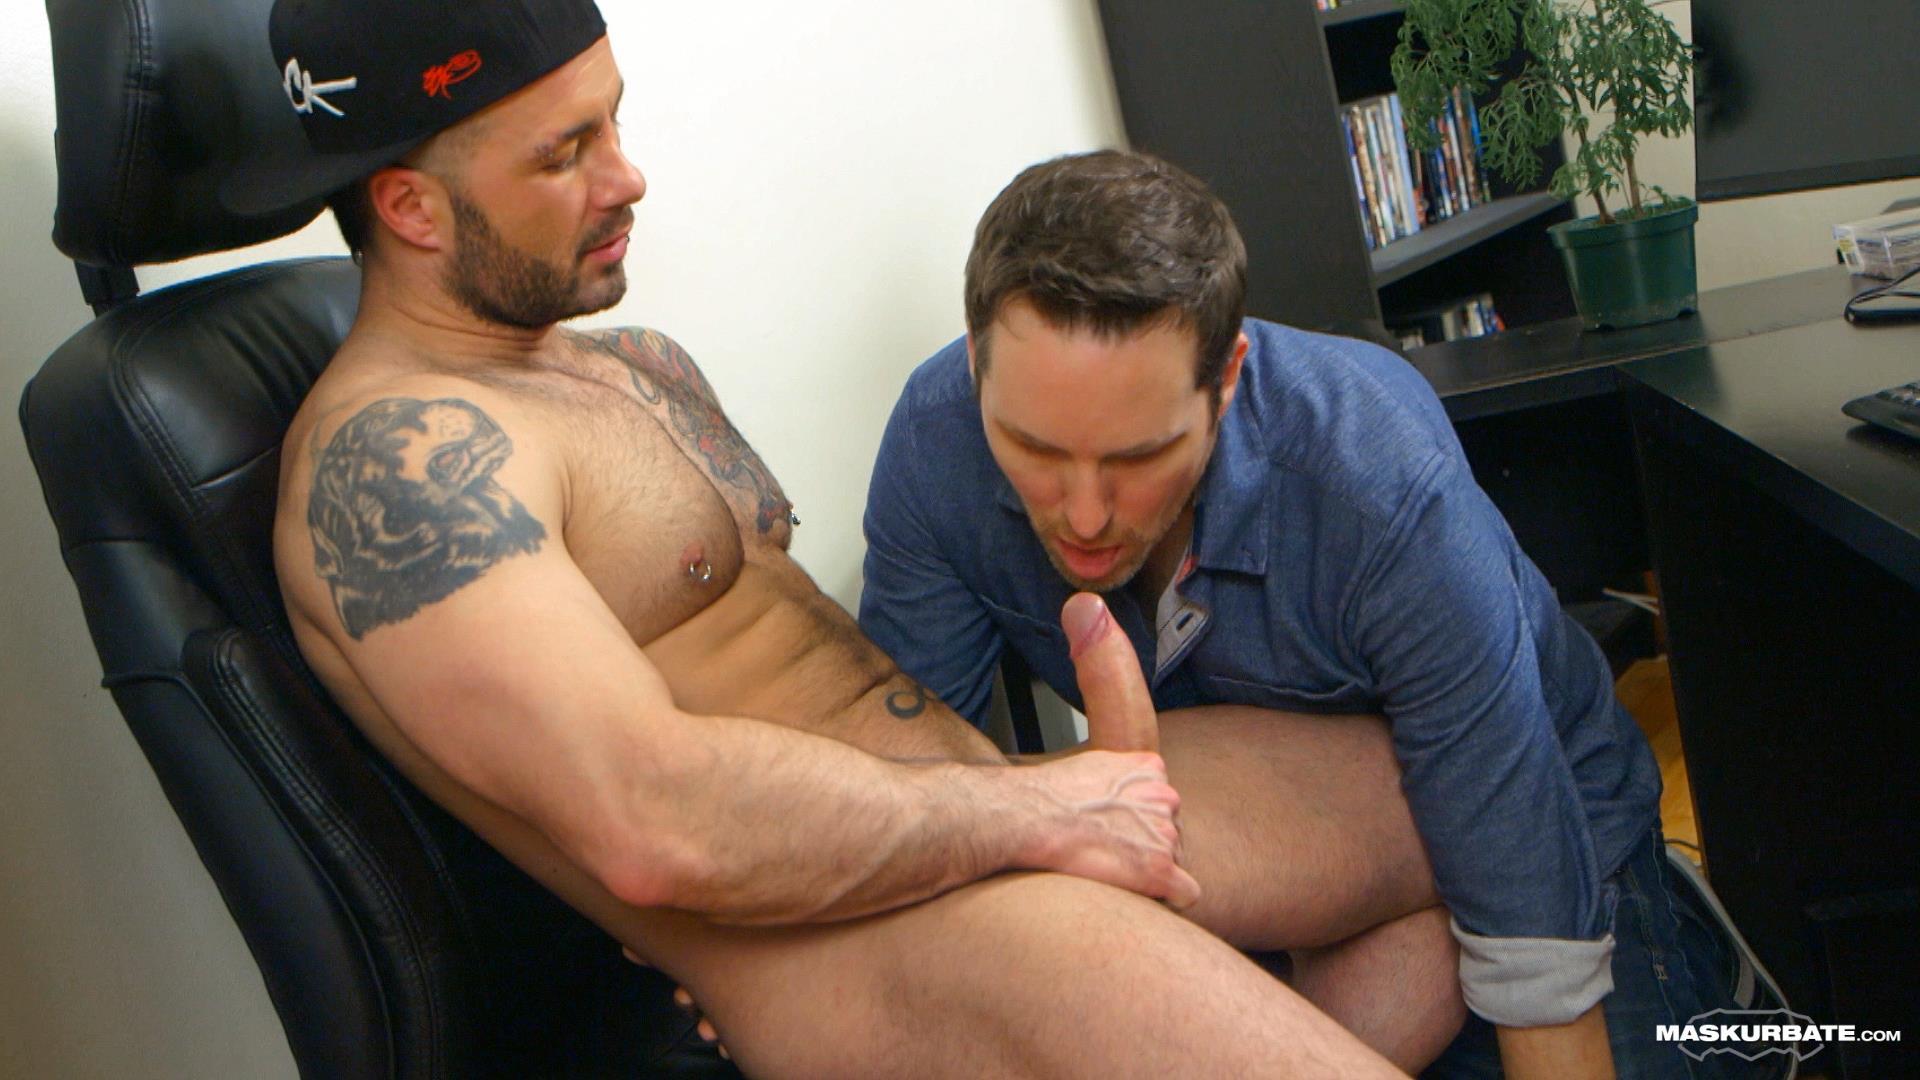 Maskurbate-Manuel-Deboxer-Gets-His-Big-Uncut-Cock-Sucked-Amateur-Gay-Porn-09 Manuel Deboxer Gets His Big Uncut Cock Sucked Off